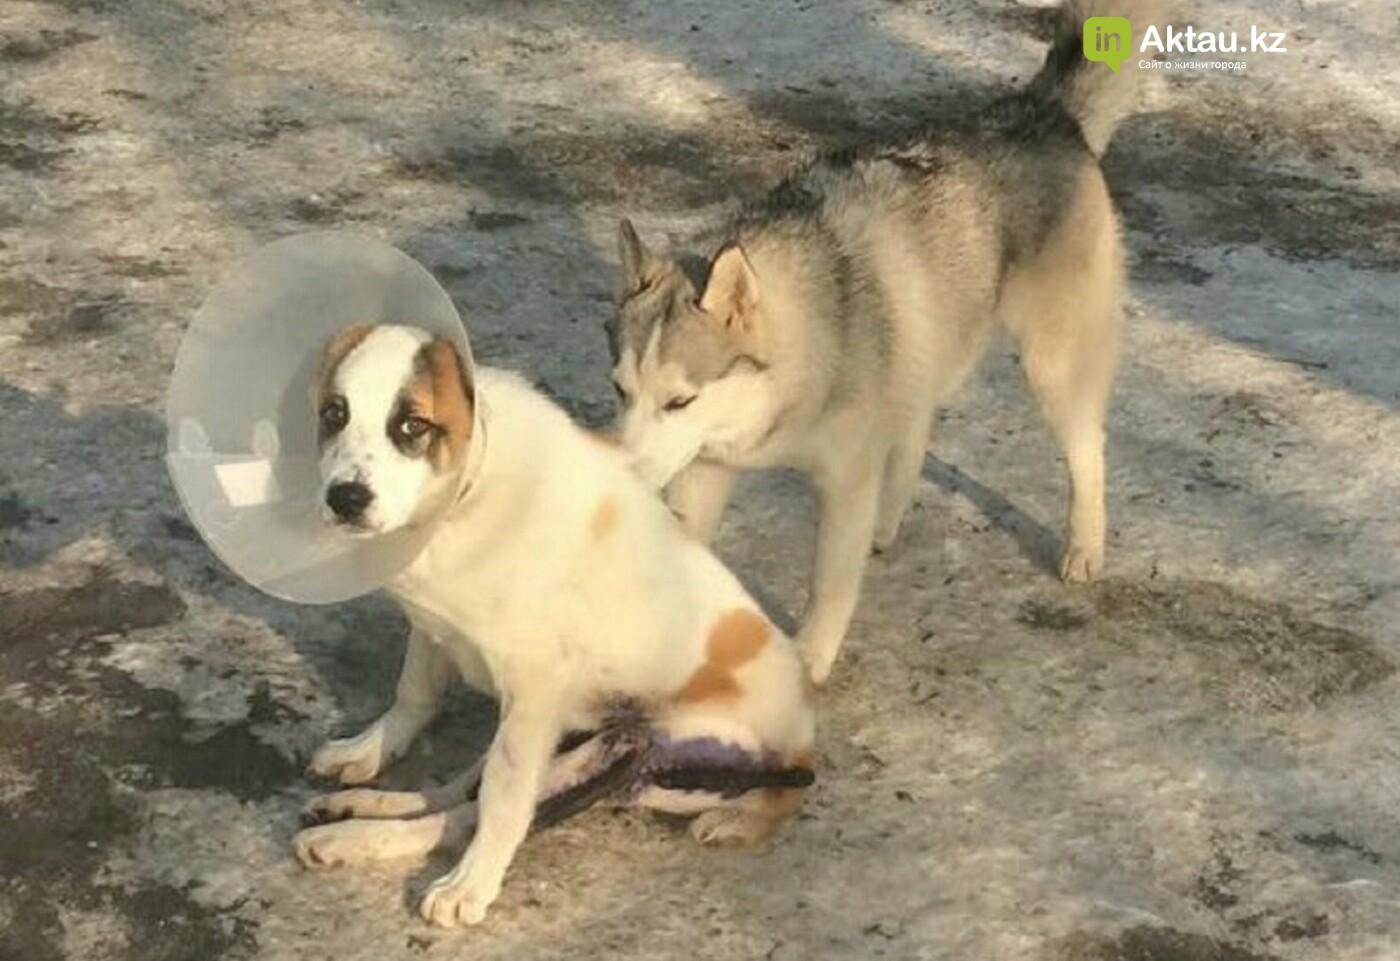 История щенка Кенди: новый хозяин ждет его в Актау, фото-2